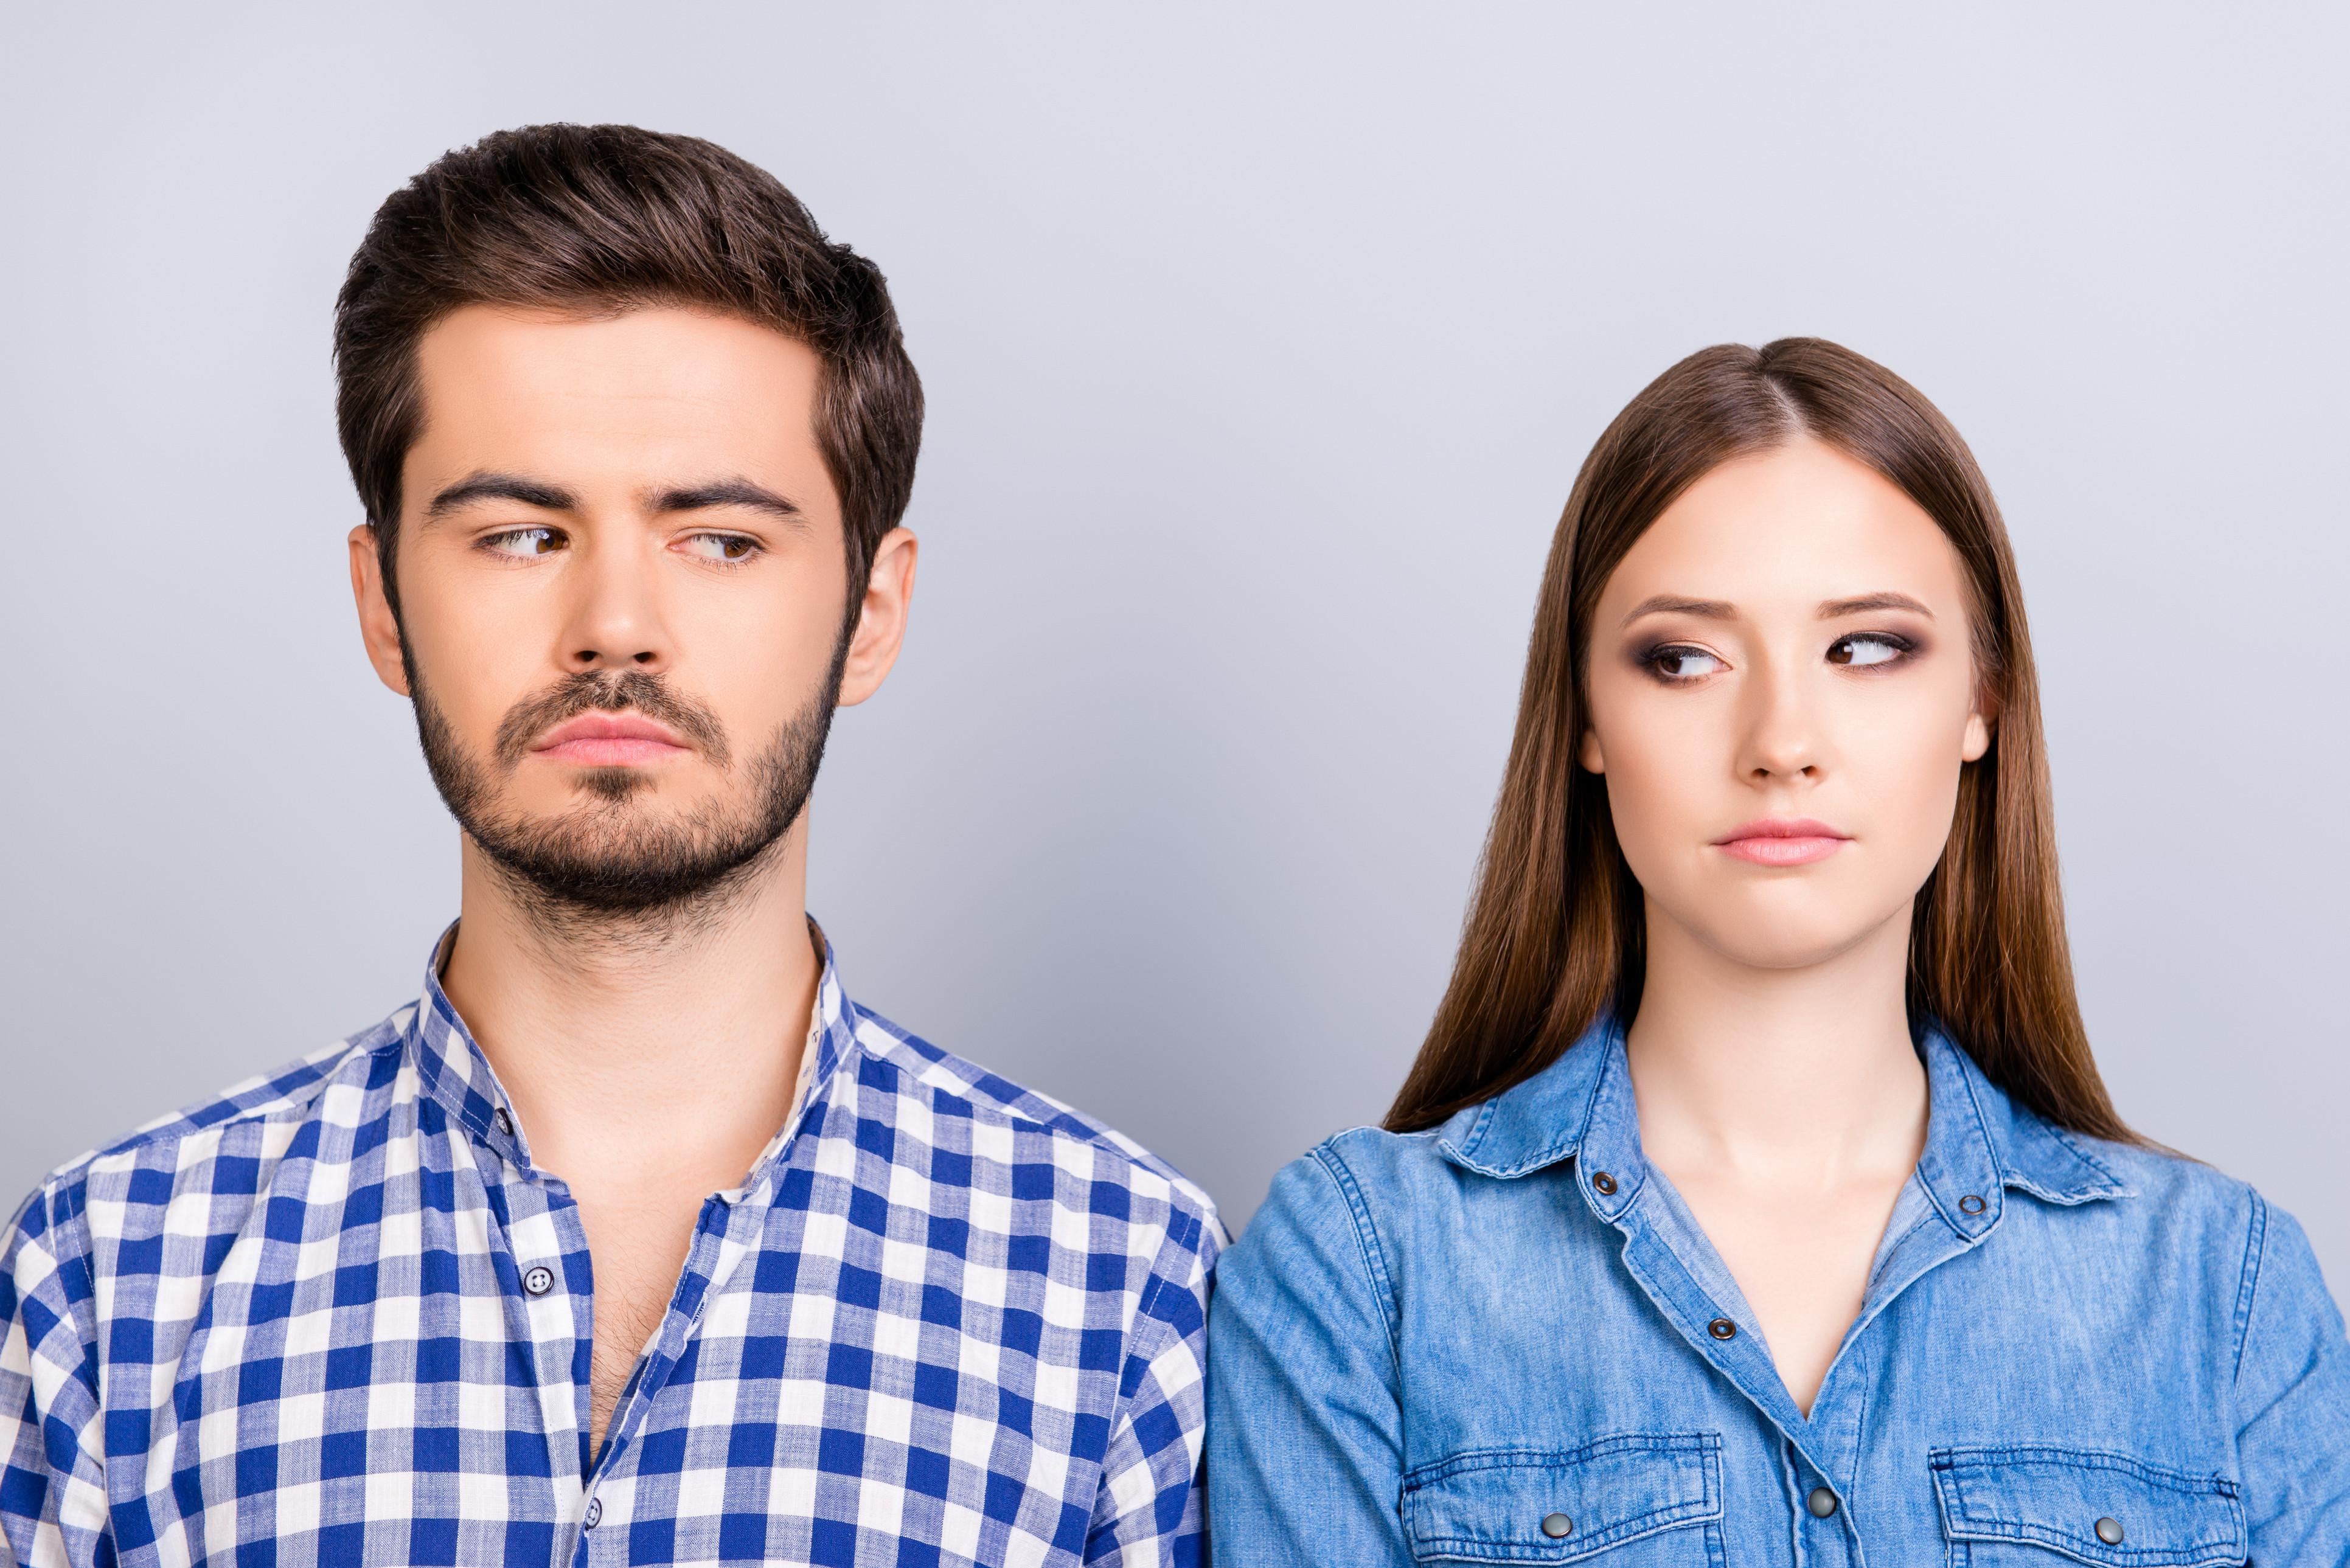 Esteja atento: Sete sinais indicadores de que lhe estão a mentir